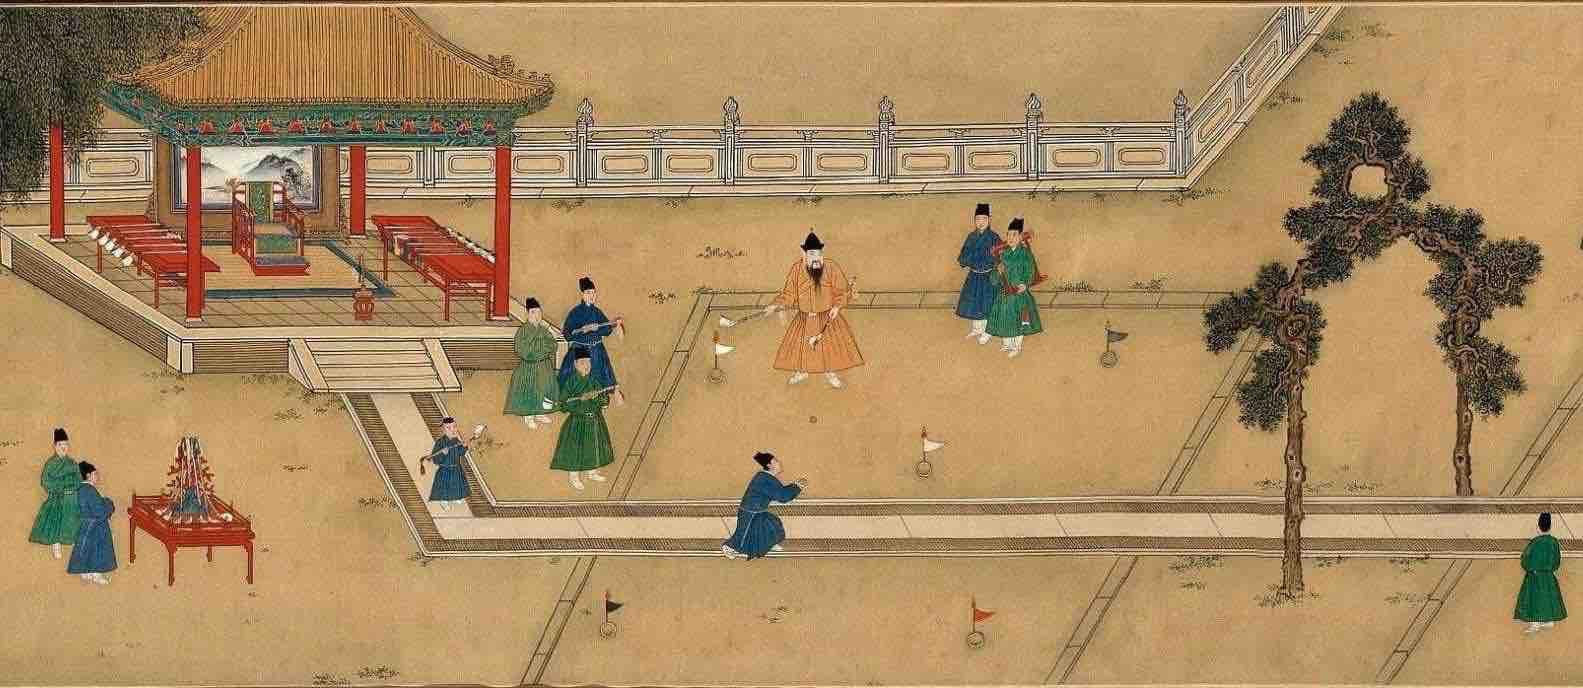 """Painting """"Zhu Zhanji Xing Le Tu"""" Presenting Emperor Zhu Zhanji's Entertainment Activities in the Royal Palace Part 3"""